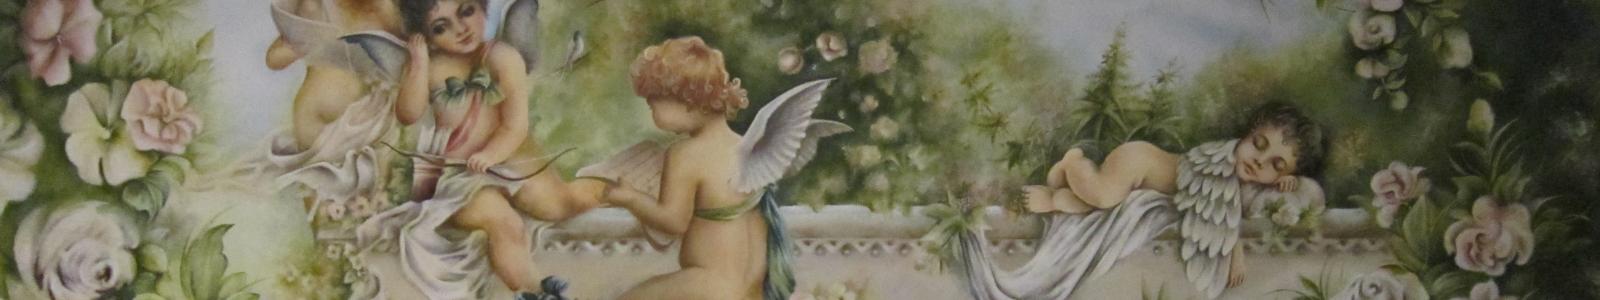 Gallery Painter Vika Chaikovskaya